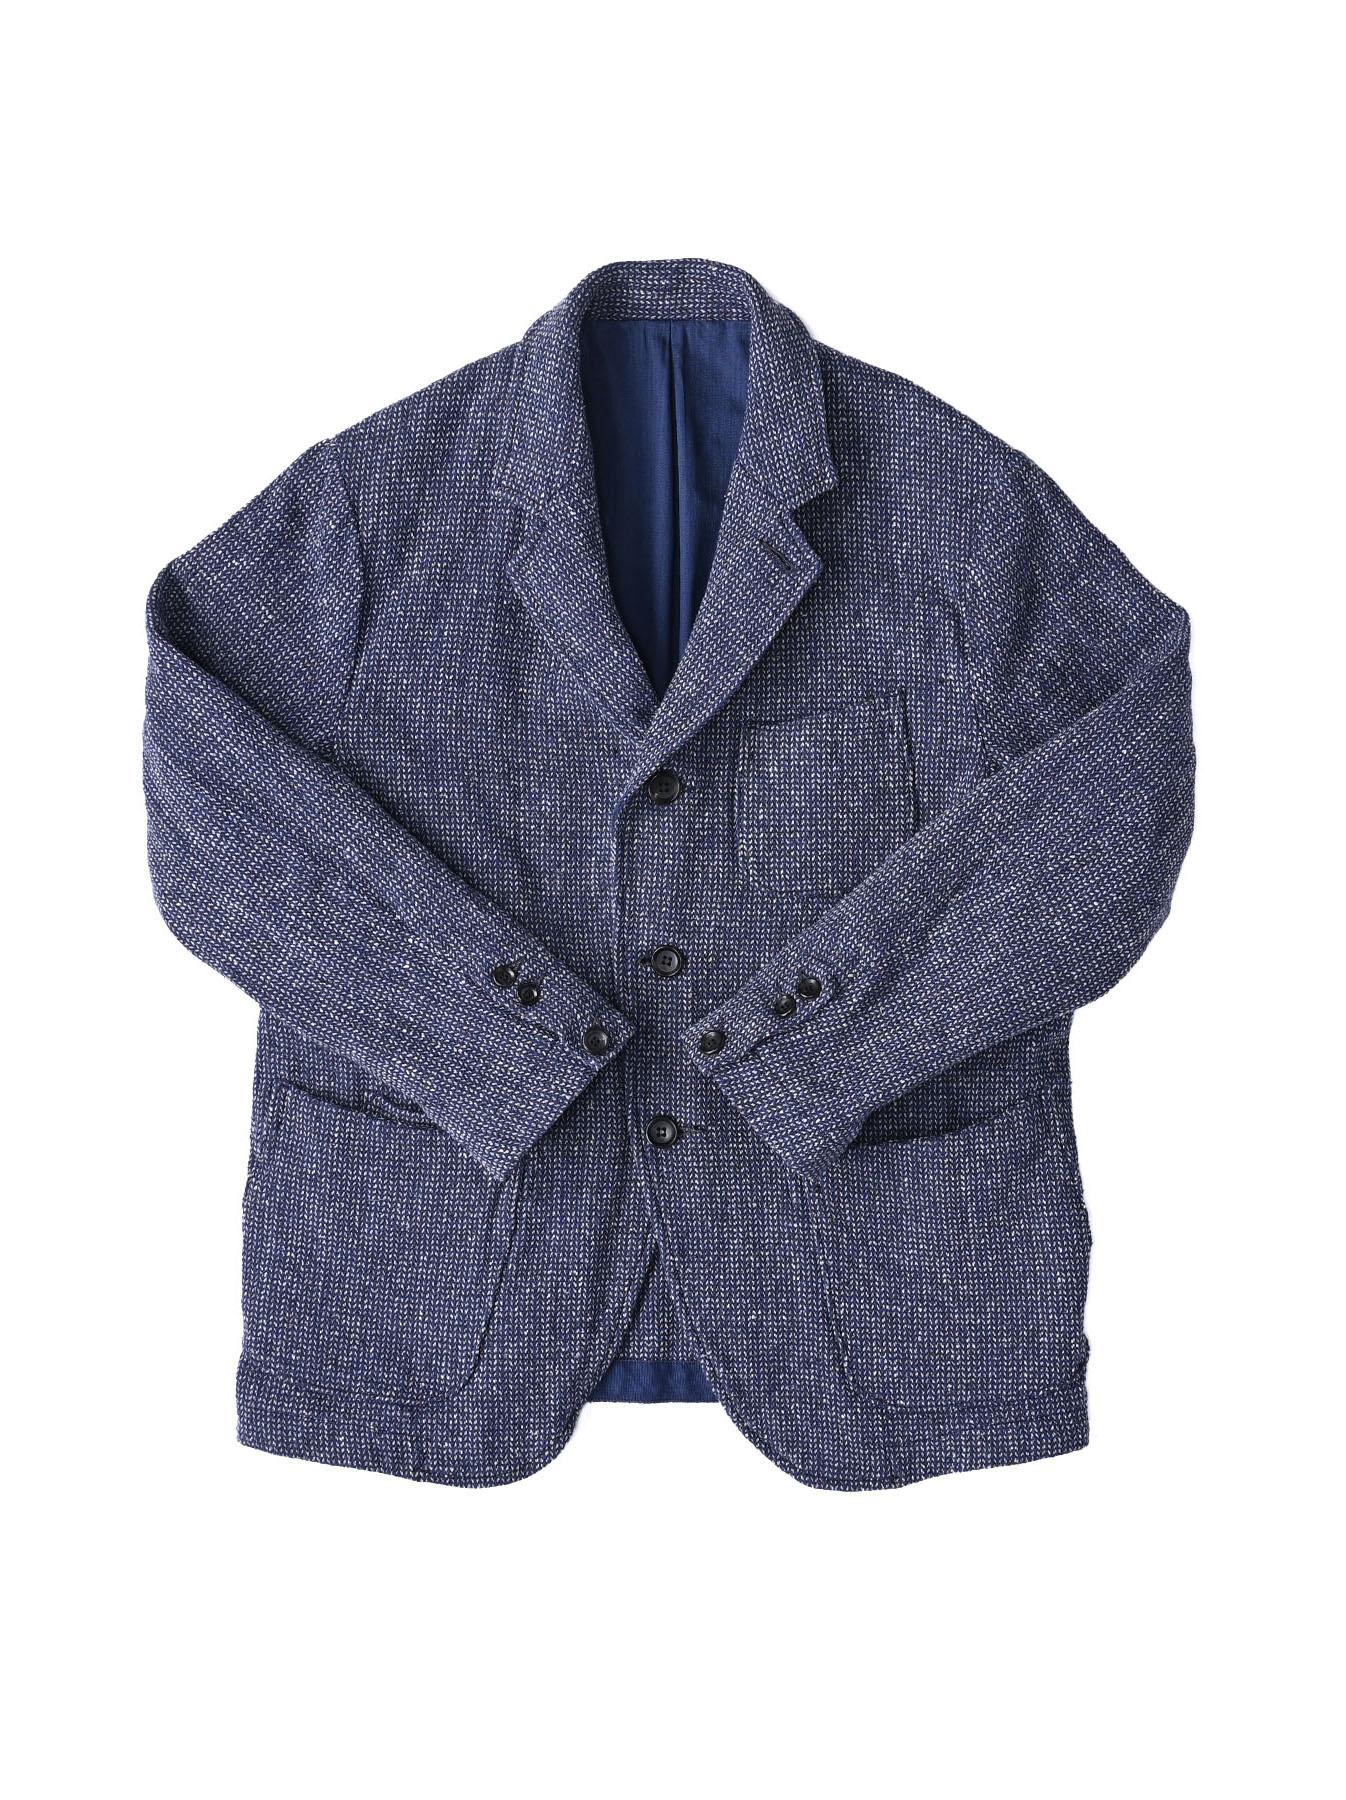 Homespun Indigo Cotton Tweed Asama Jacket-1